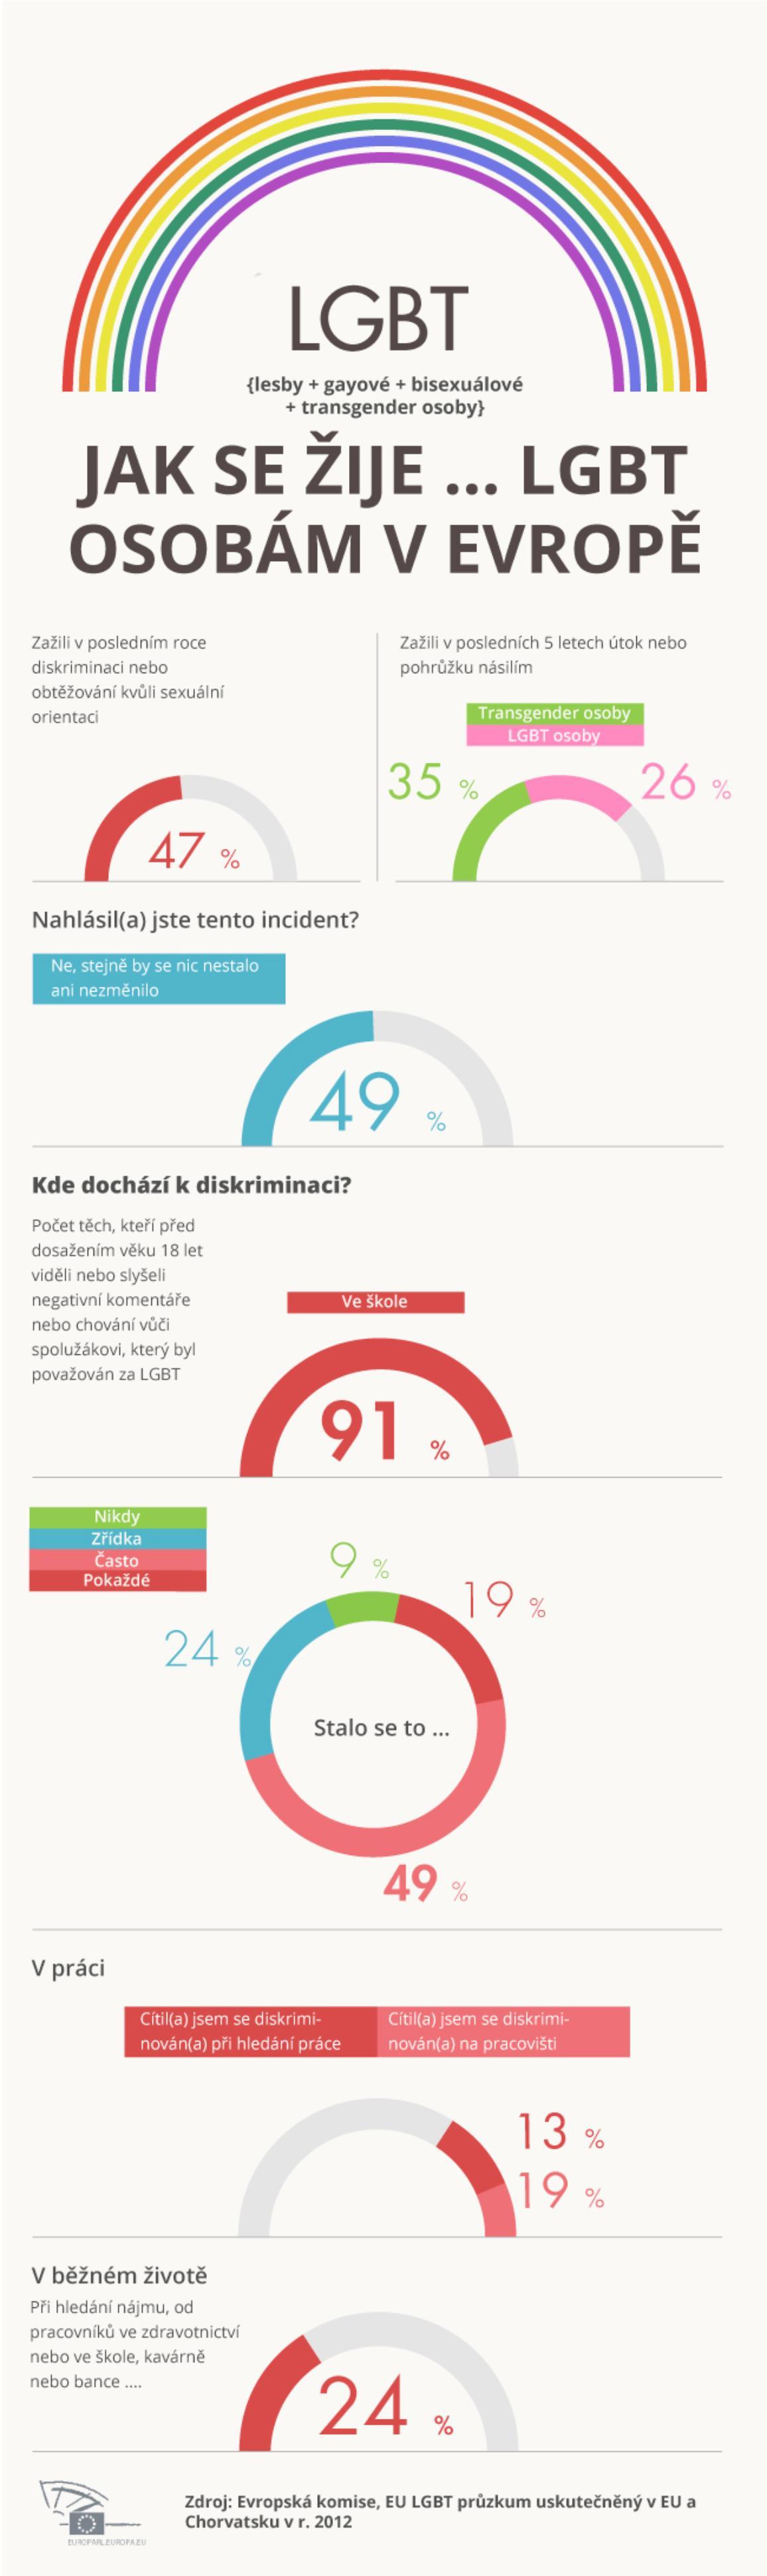 Infografika založená na výsledcích průzkumu